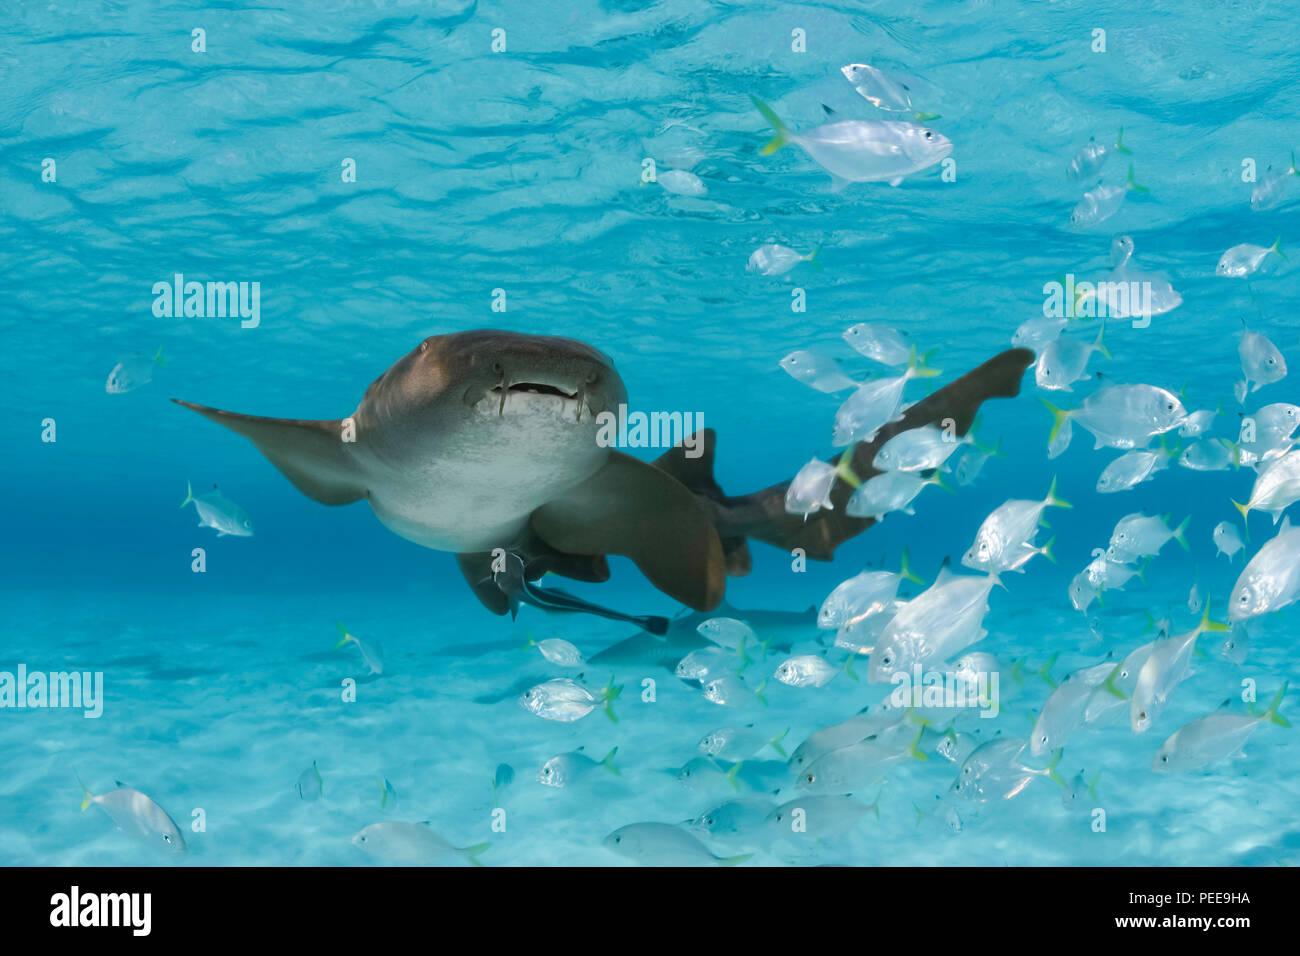 Dieser ammenhai, Ginglymostoma cirratum, dargestellt mit einer Schule der juvinile-Buchsen. Bahamas. Stockfoto